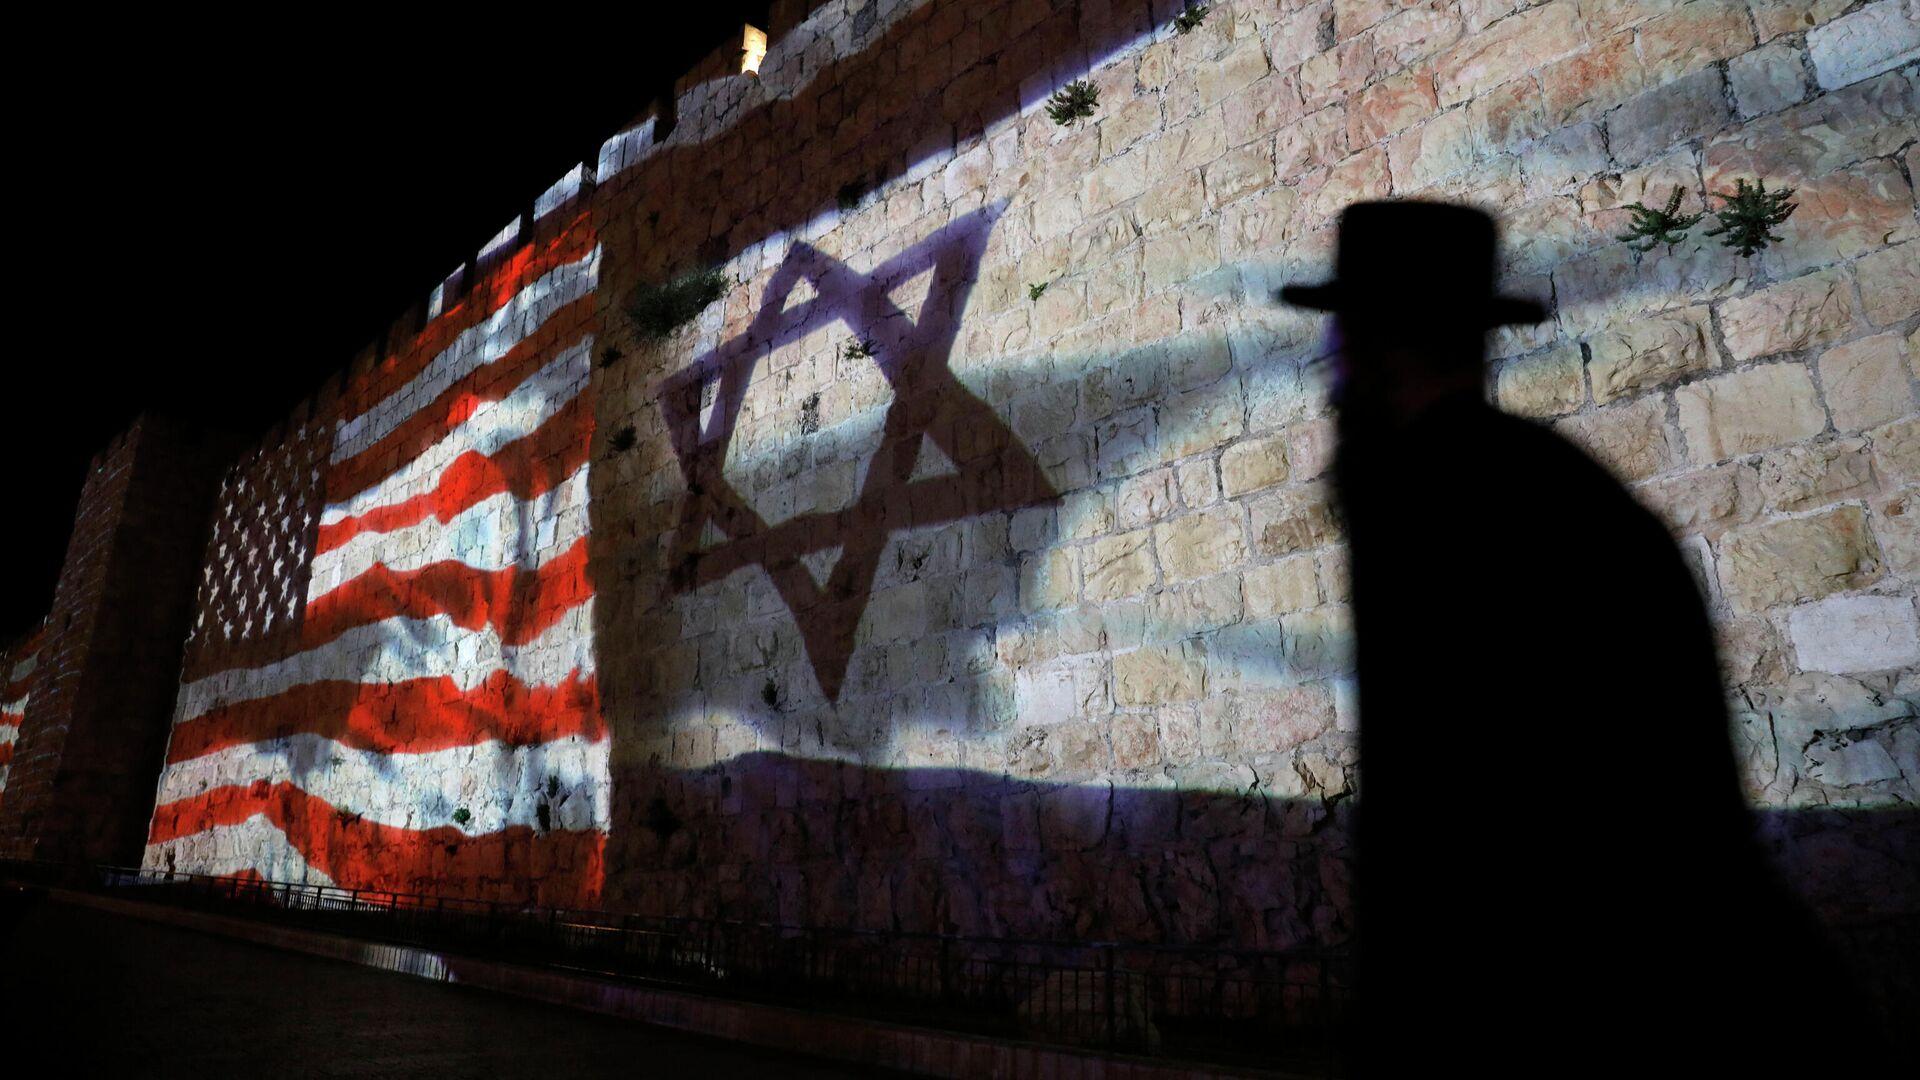 Флаг США и звезда Давида на стене в Иерусалиме, Израиль - РИА Новости, 1920, 10.05.2021